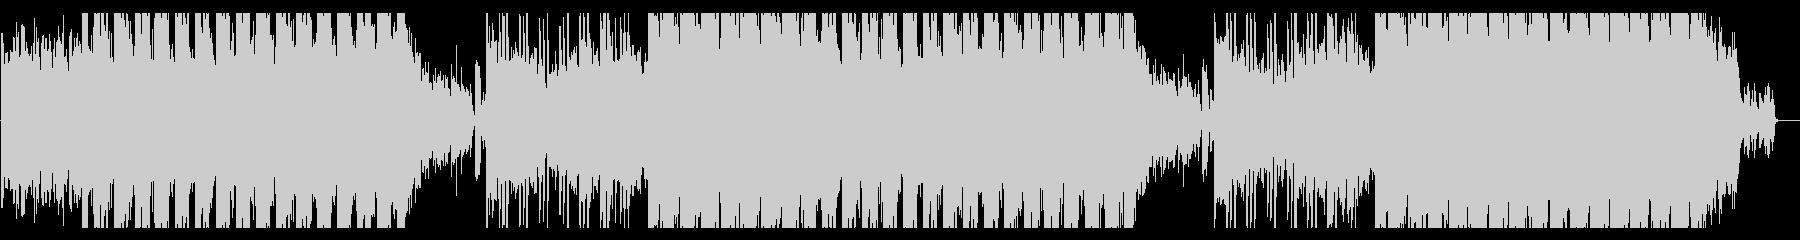 ダークで少し不思議なエレクトロビートの未再生の波形